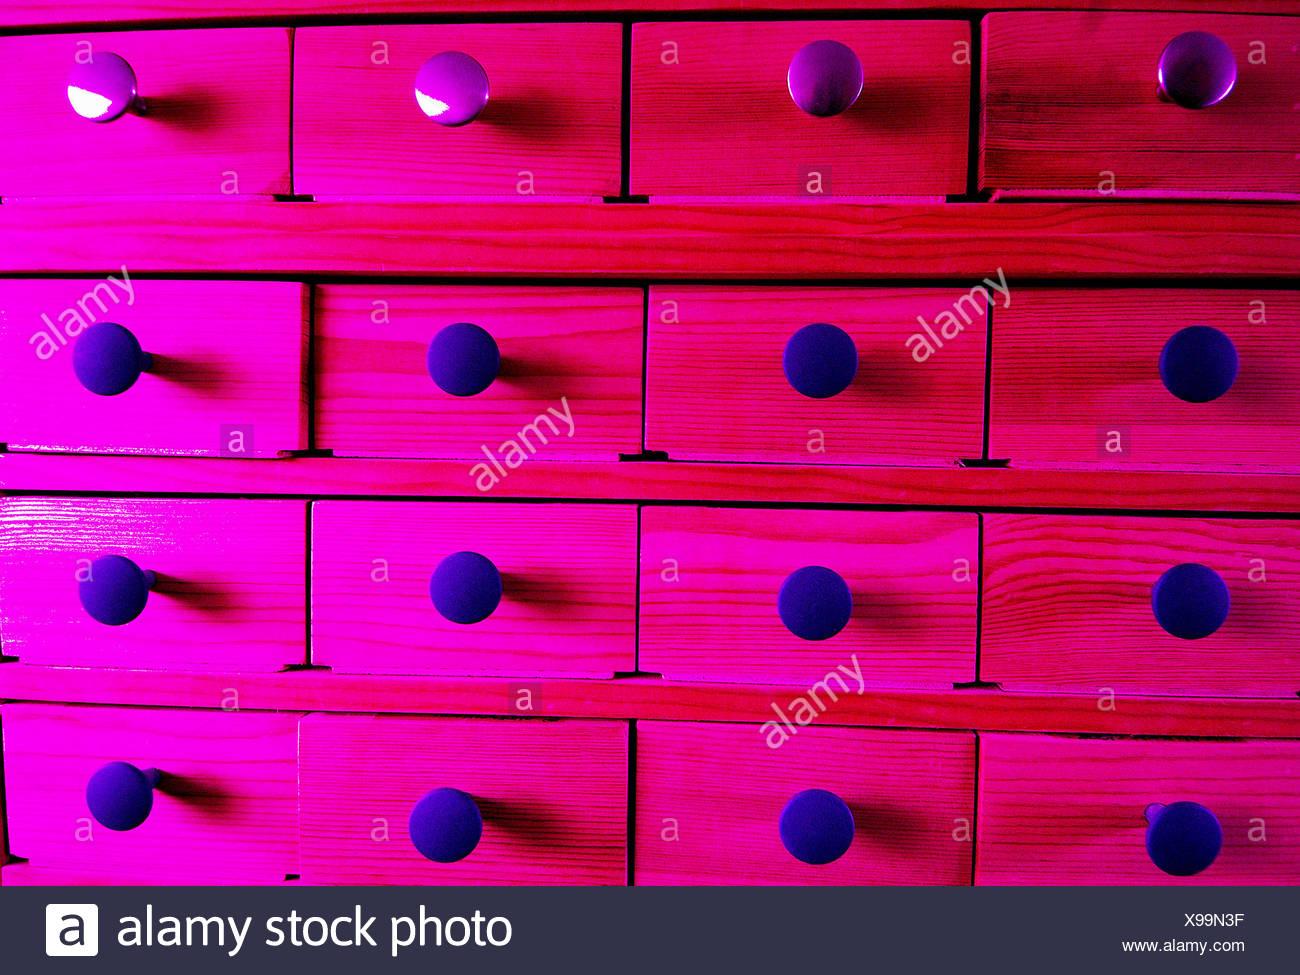 Concepto Imagen De Stock